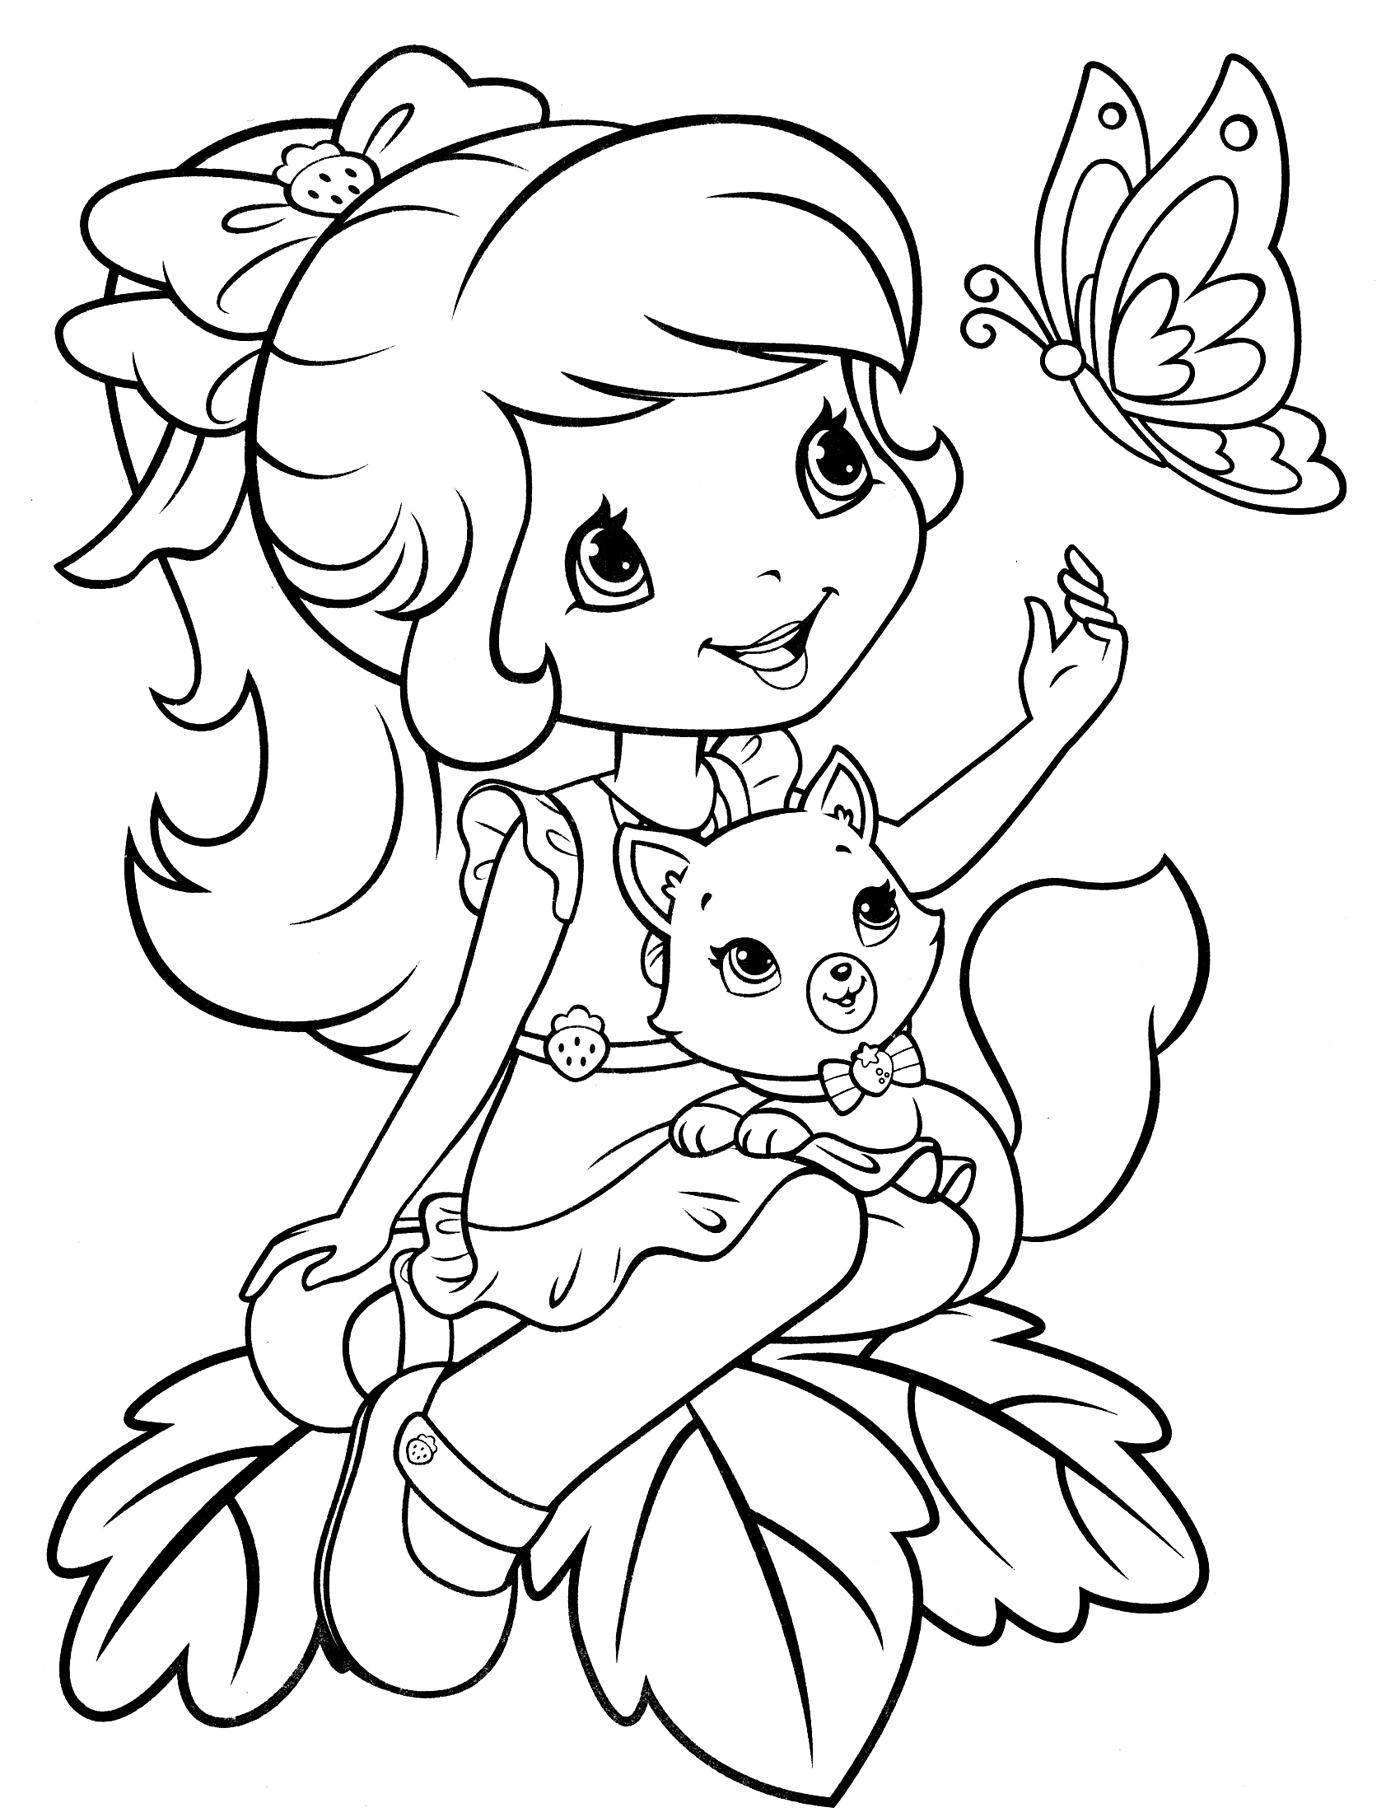 Девочка с котенком на коленях и бабочка Раскраски для девочек онлайн